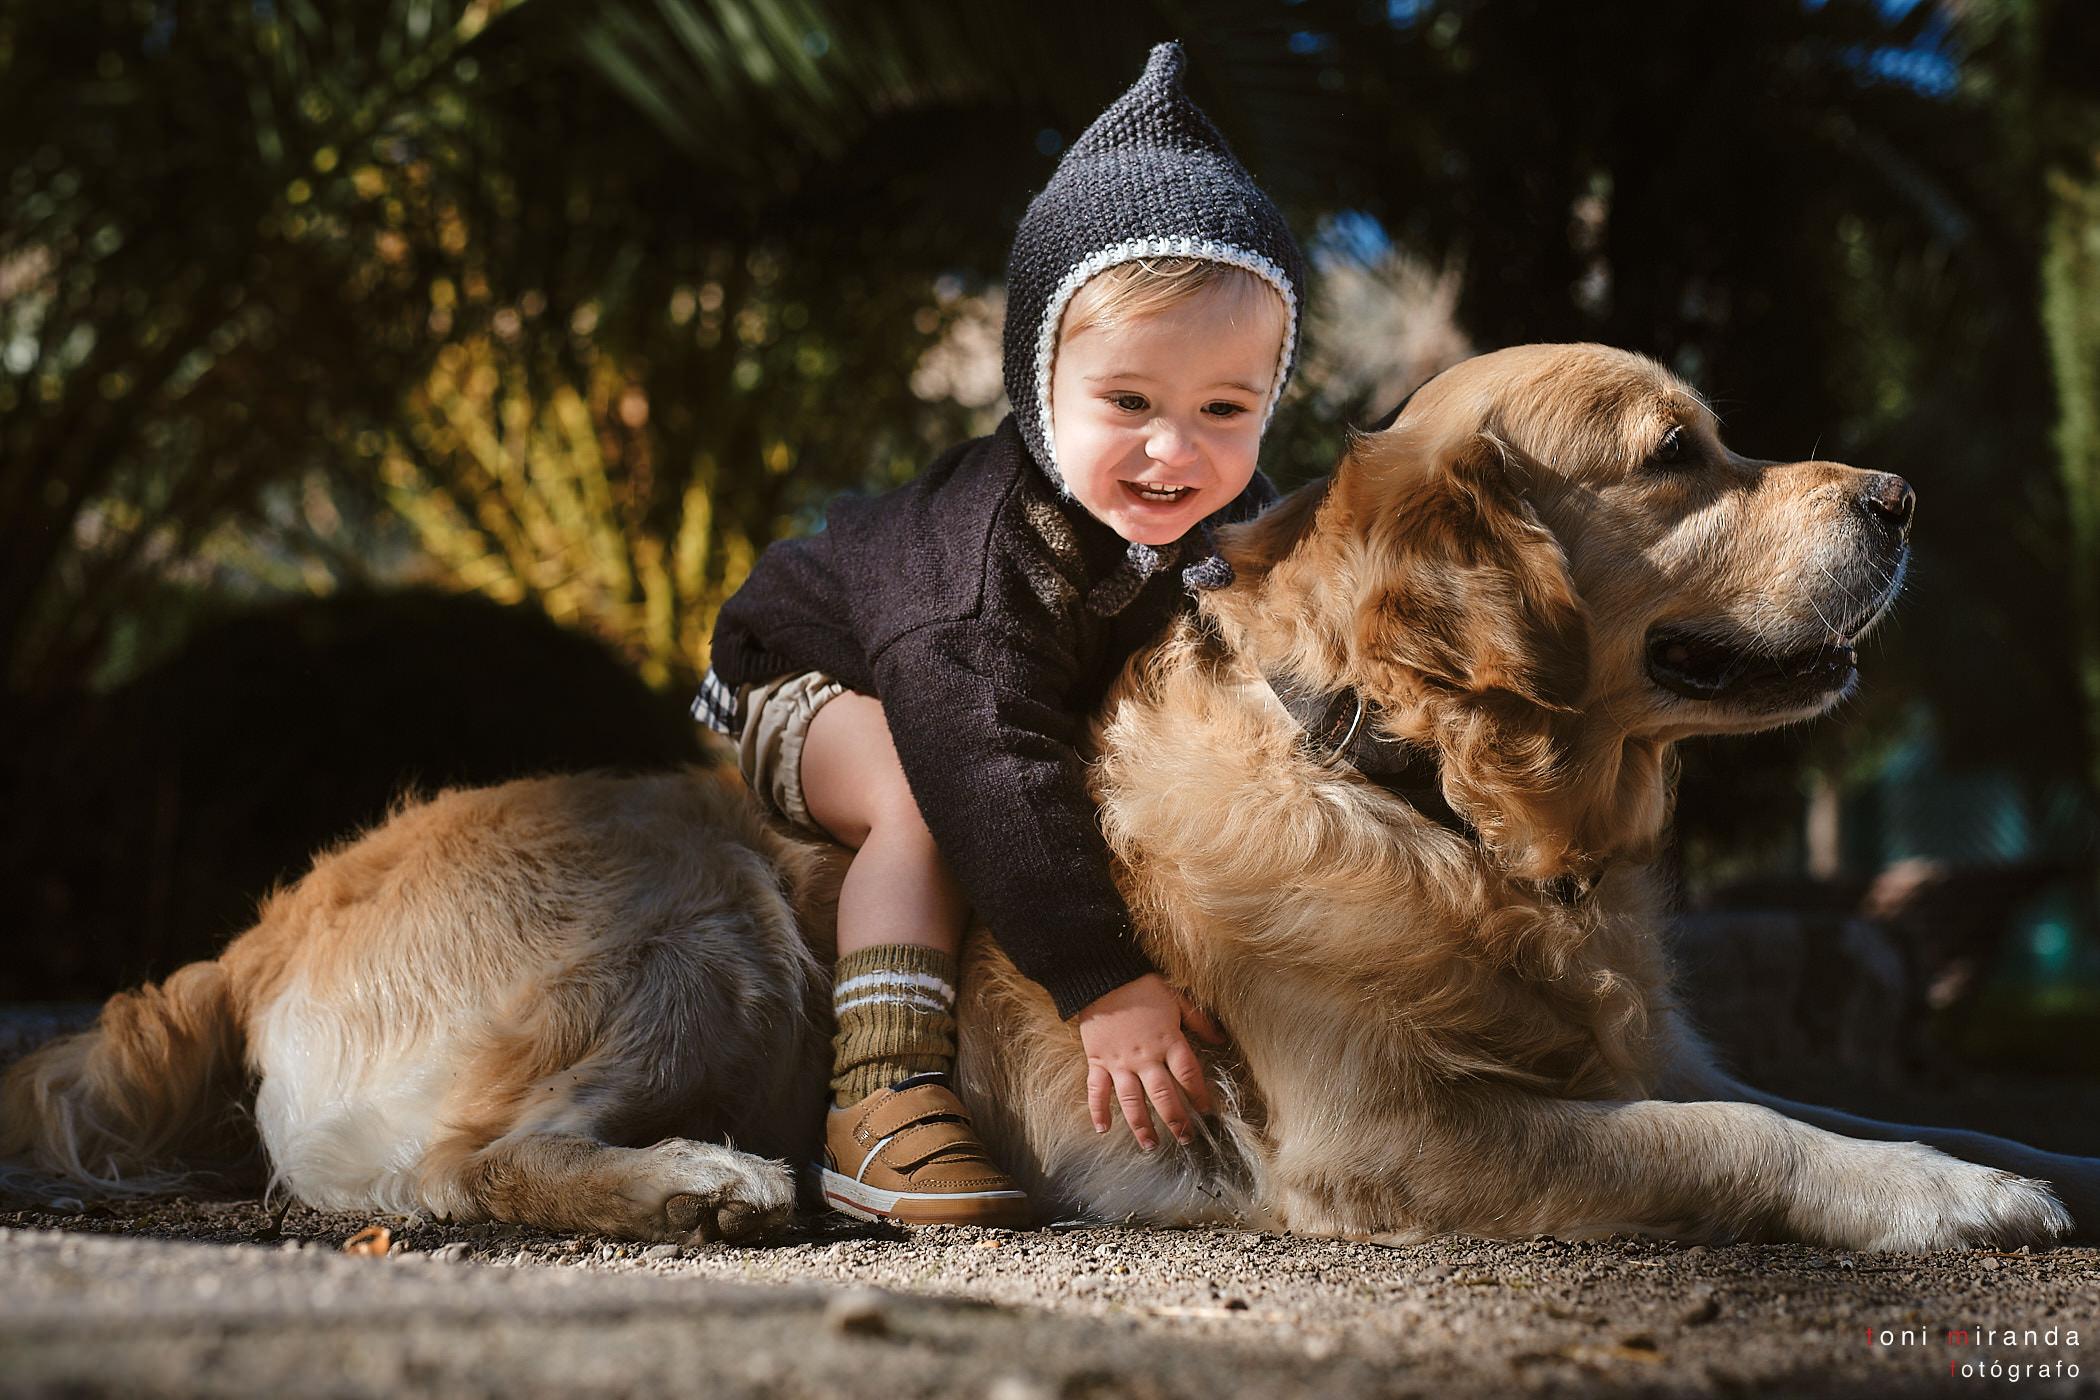 bebe con su perro en el parque